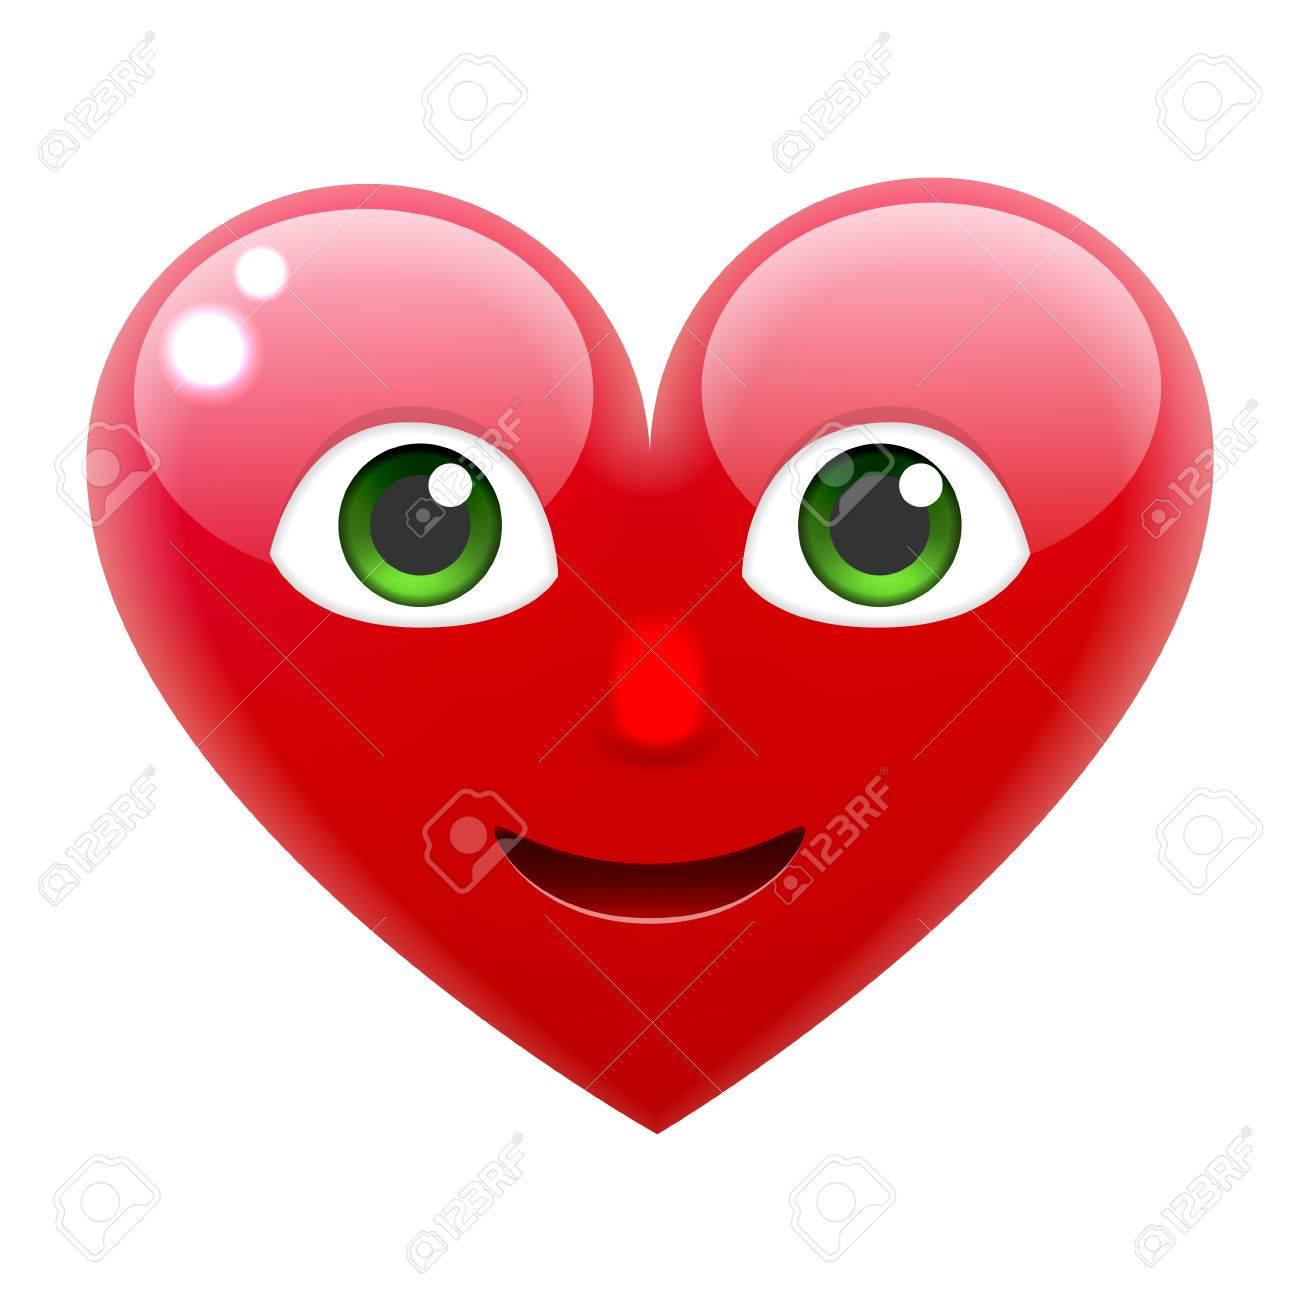 Herz Lacheln Emoticon Herz Emoji Fur Den 14 Februar Fur Den